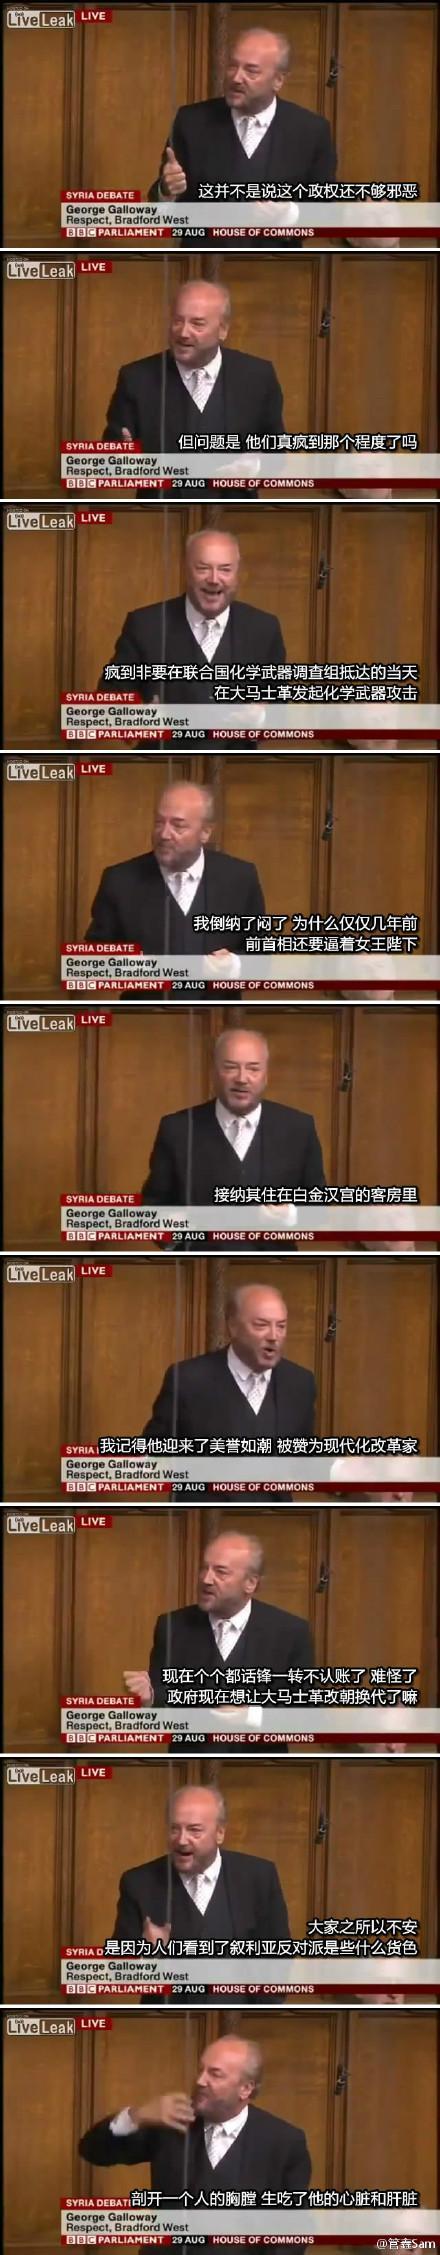 英国下议院辩论 2013.08.29 休假议员们被召回讨论投票是否参加对叙作战